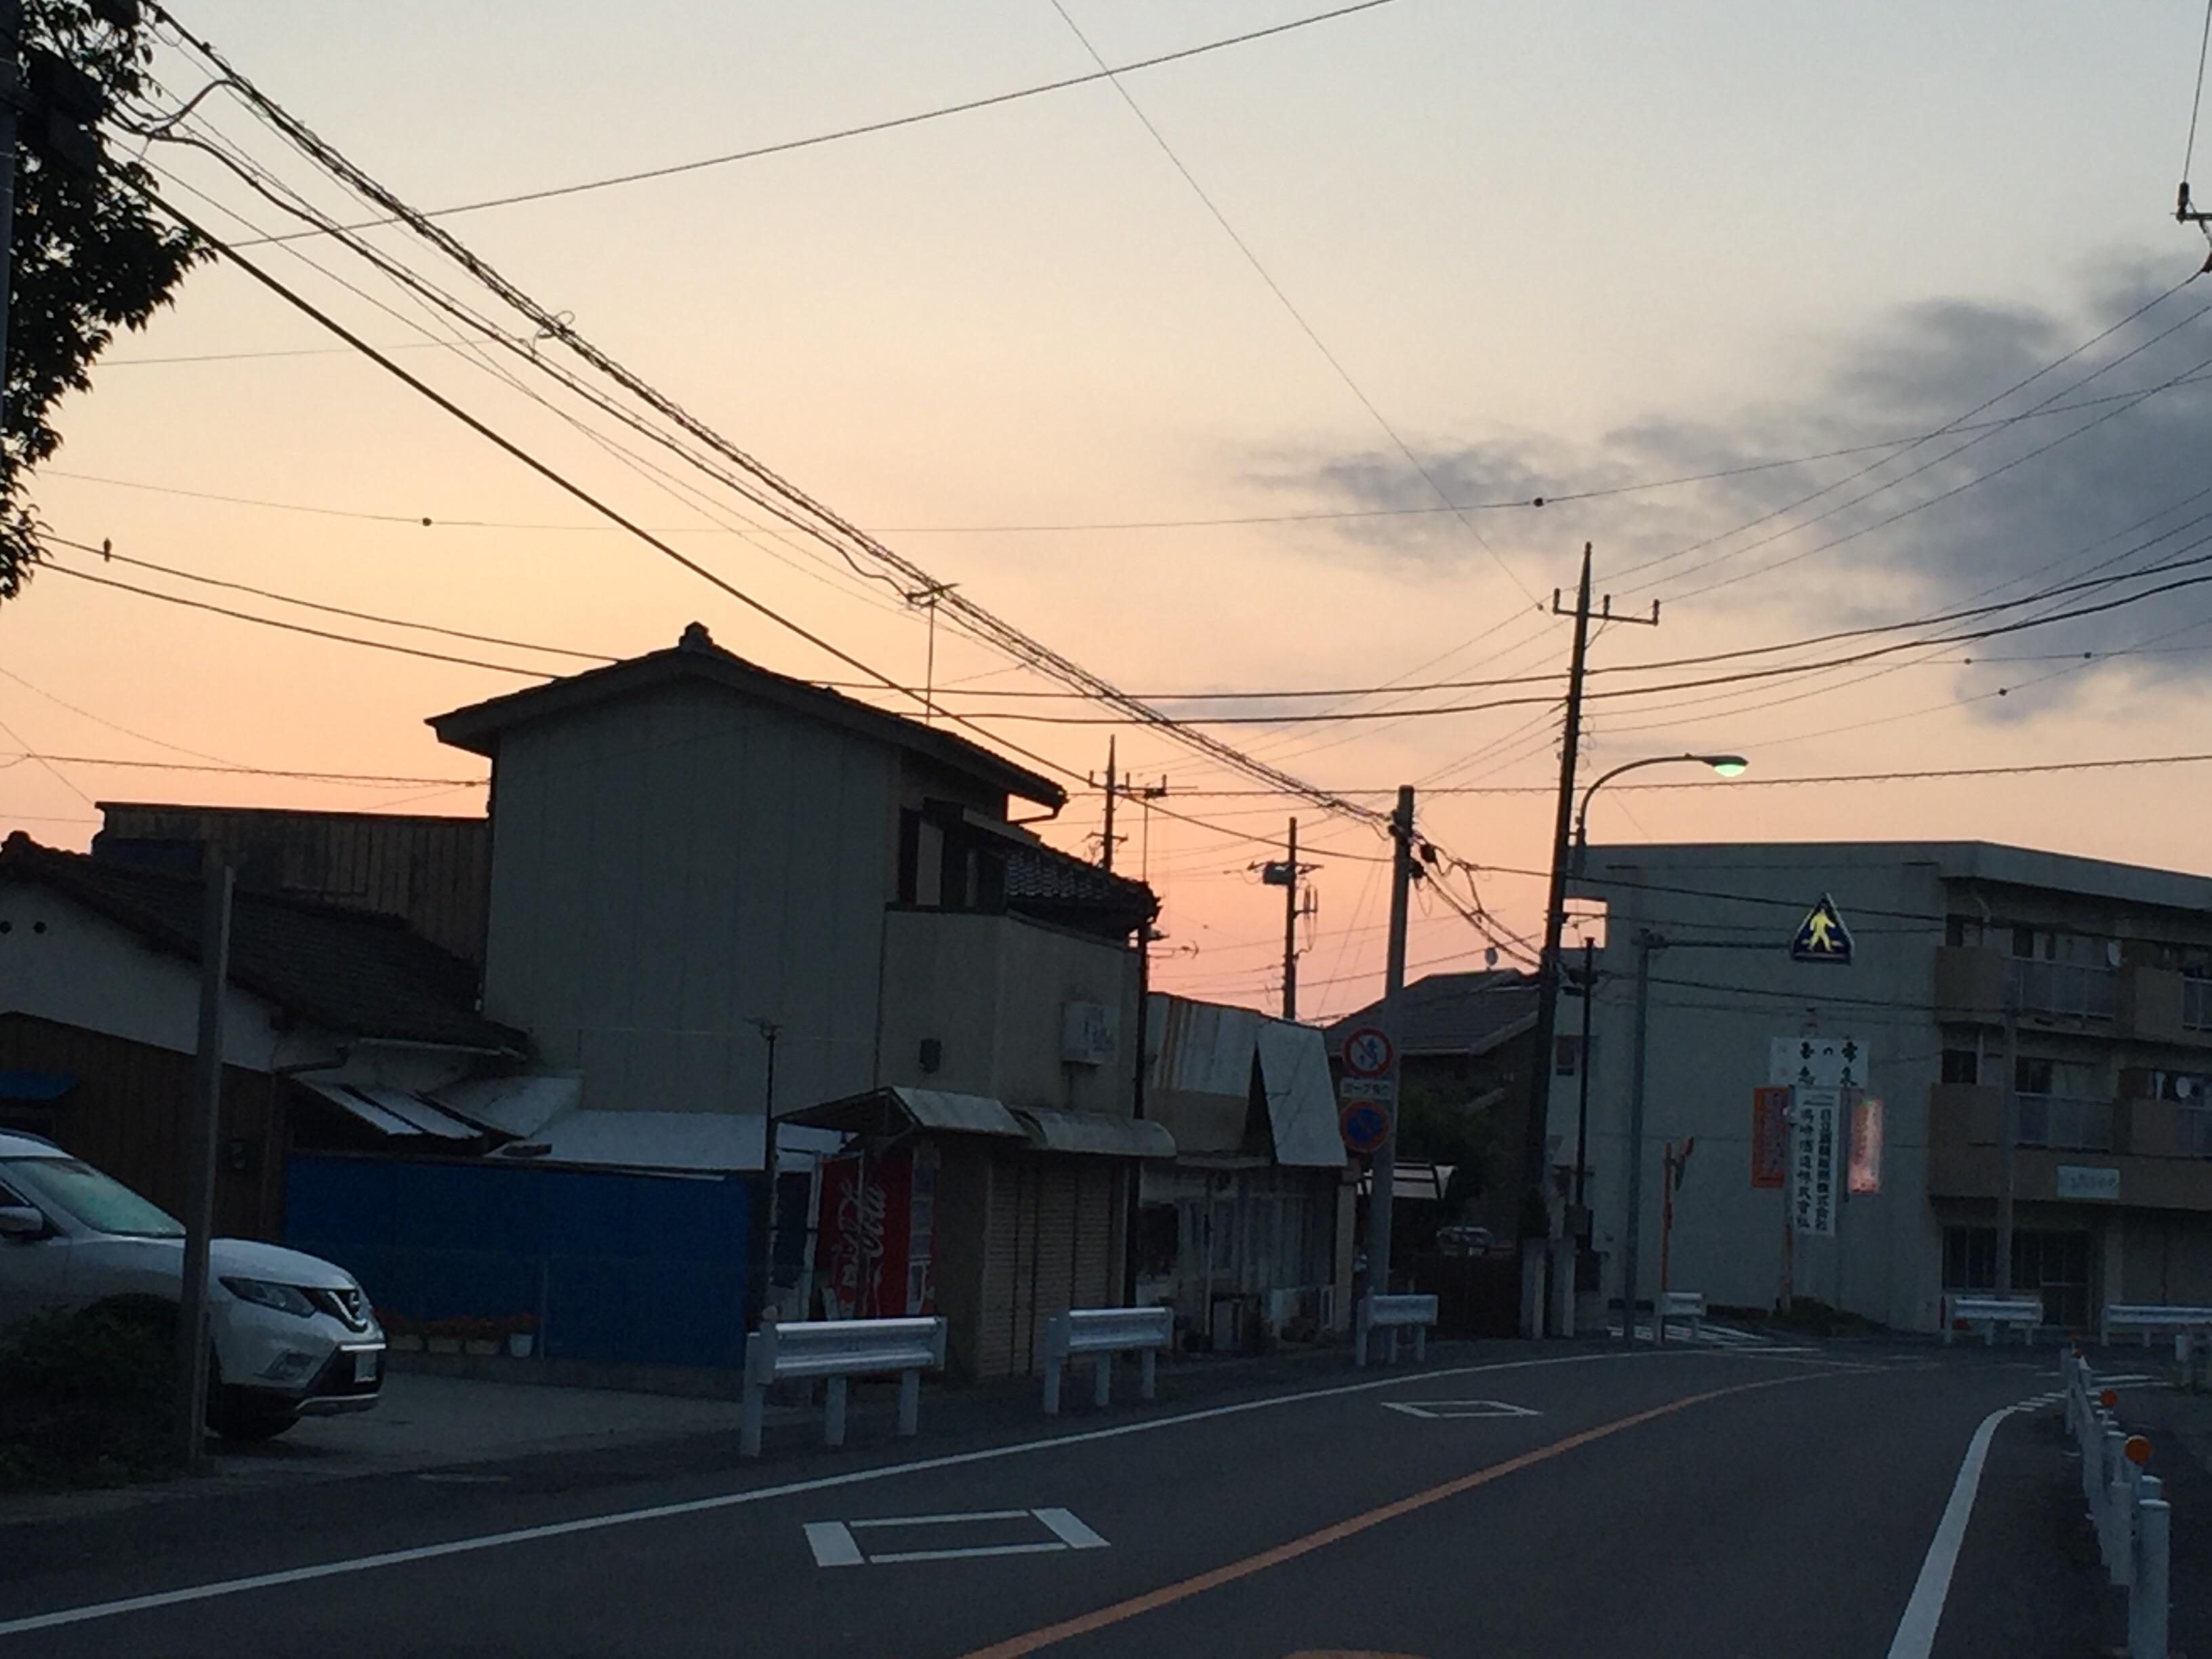 f:id:shimablog:20160811144807j:image